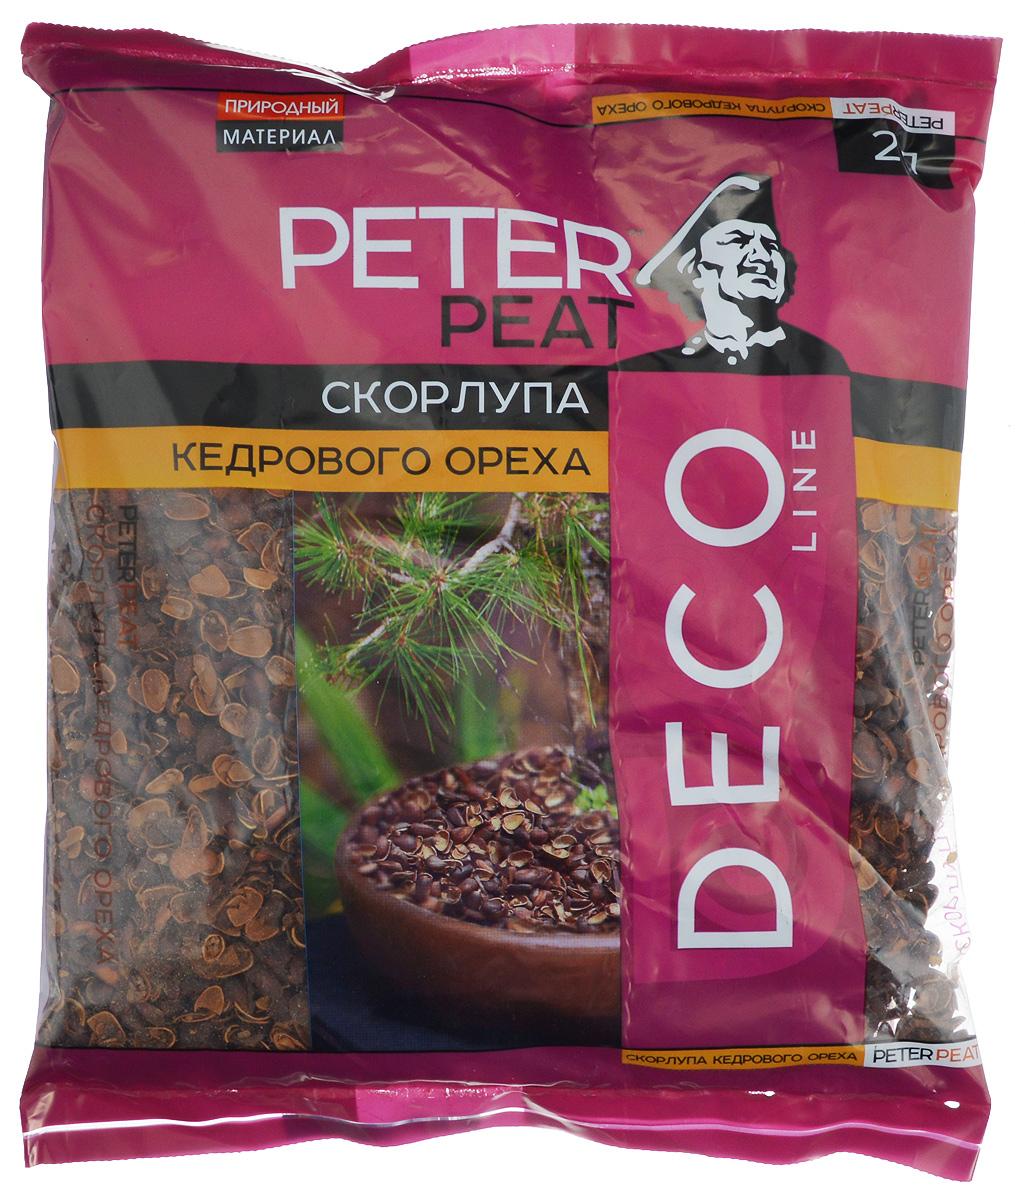 Скорлупа кедрового ореха Peter Peat, 2 лД-02-2Скорлупа кедрового ореха Peter Peat - декоративный мульчирующий материал, сохраняющий влагу в почве. Защищает корневую систему растений от вымерзания, способствует росту корней. Предотвращает эрозию и засоление почвы, препятствует образования почвенной корки. Улучшает влаго- и воздухопроницаемость почвы. Скорлупа кедрового ореха используется для формирования мягкого покрытия дорожек в саду. Красивый оттенок делает этот материал идеальным средством для декорирования грядок, клумб, и других элементов ландшафтного дизайна.